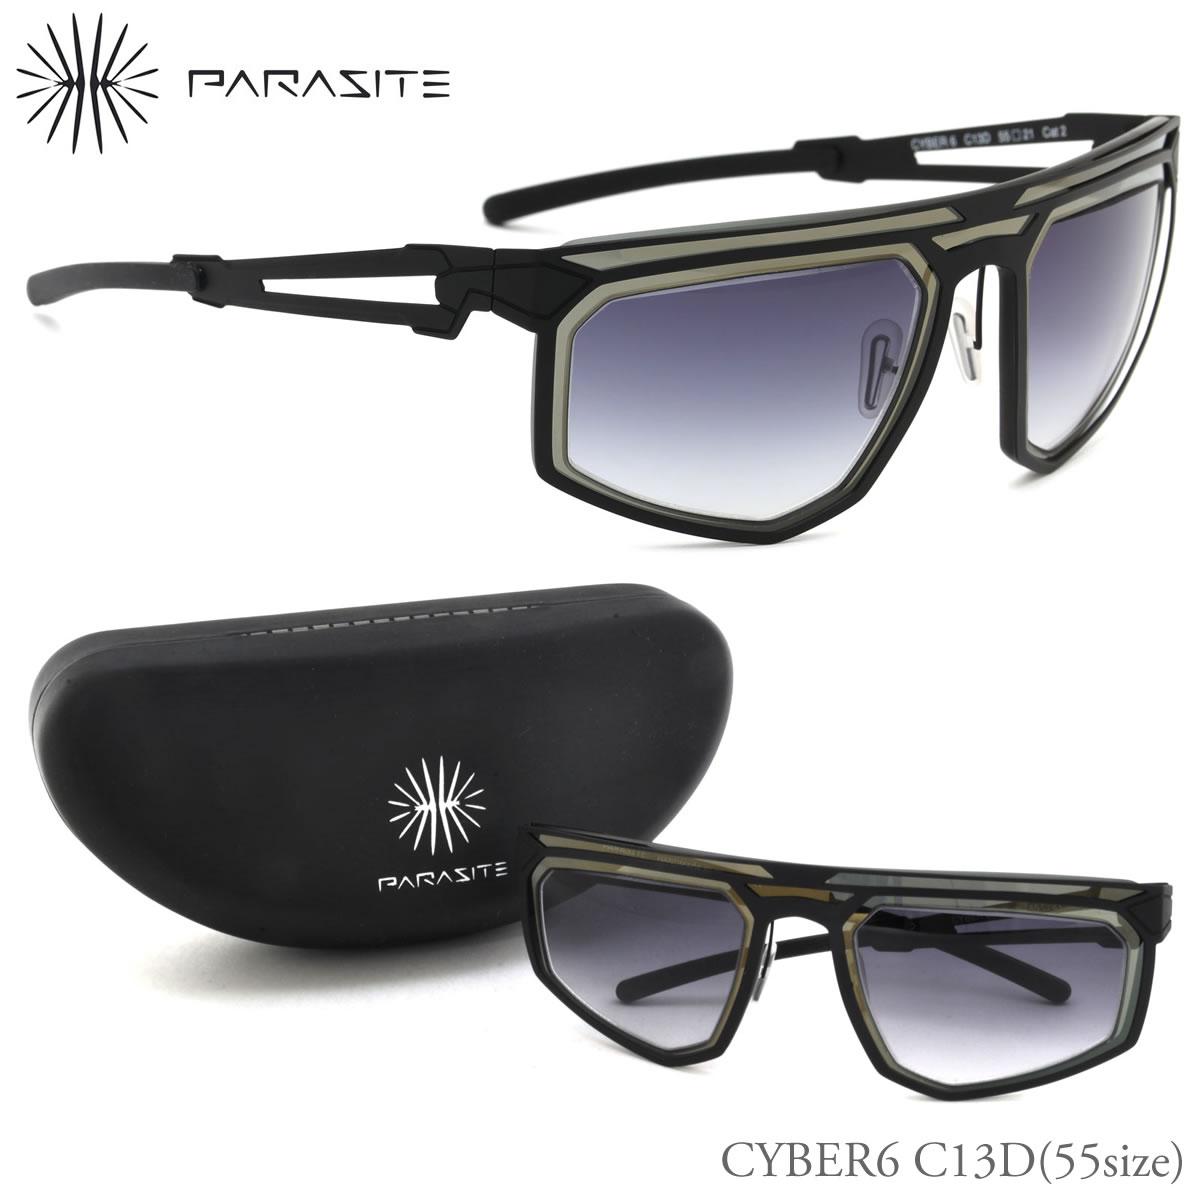 【10月30日からエントリーで全品ポイント20倍】【PARASITE】(パラサイト) サングラス CYBER6 C13D 55サイズ CYBER6 ミラー パラサイト PARASITE メンズ レディース